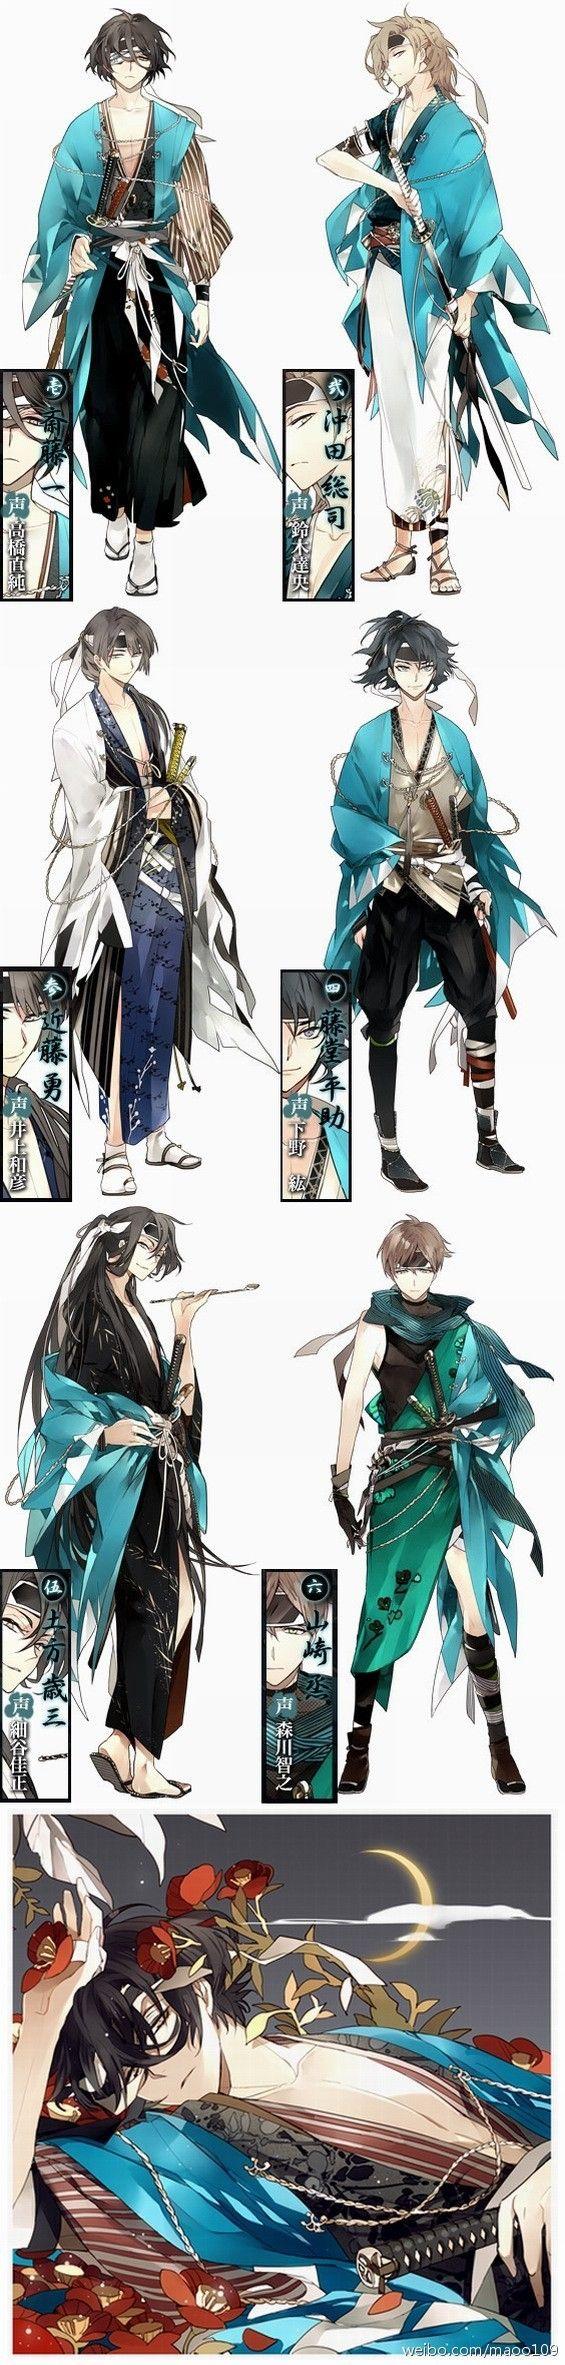 Character Designer Salary In Japan : 「men s」のおすすめ画像 件 pinterest アニメの服装、スケッチ、服装